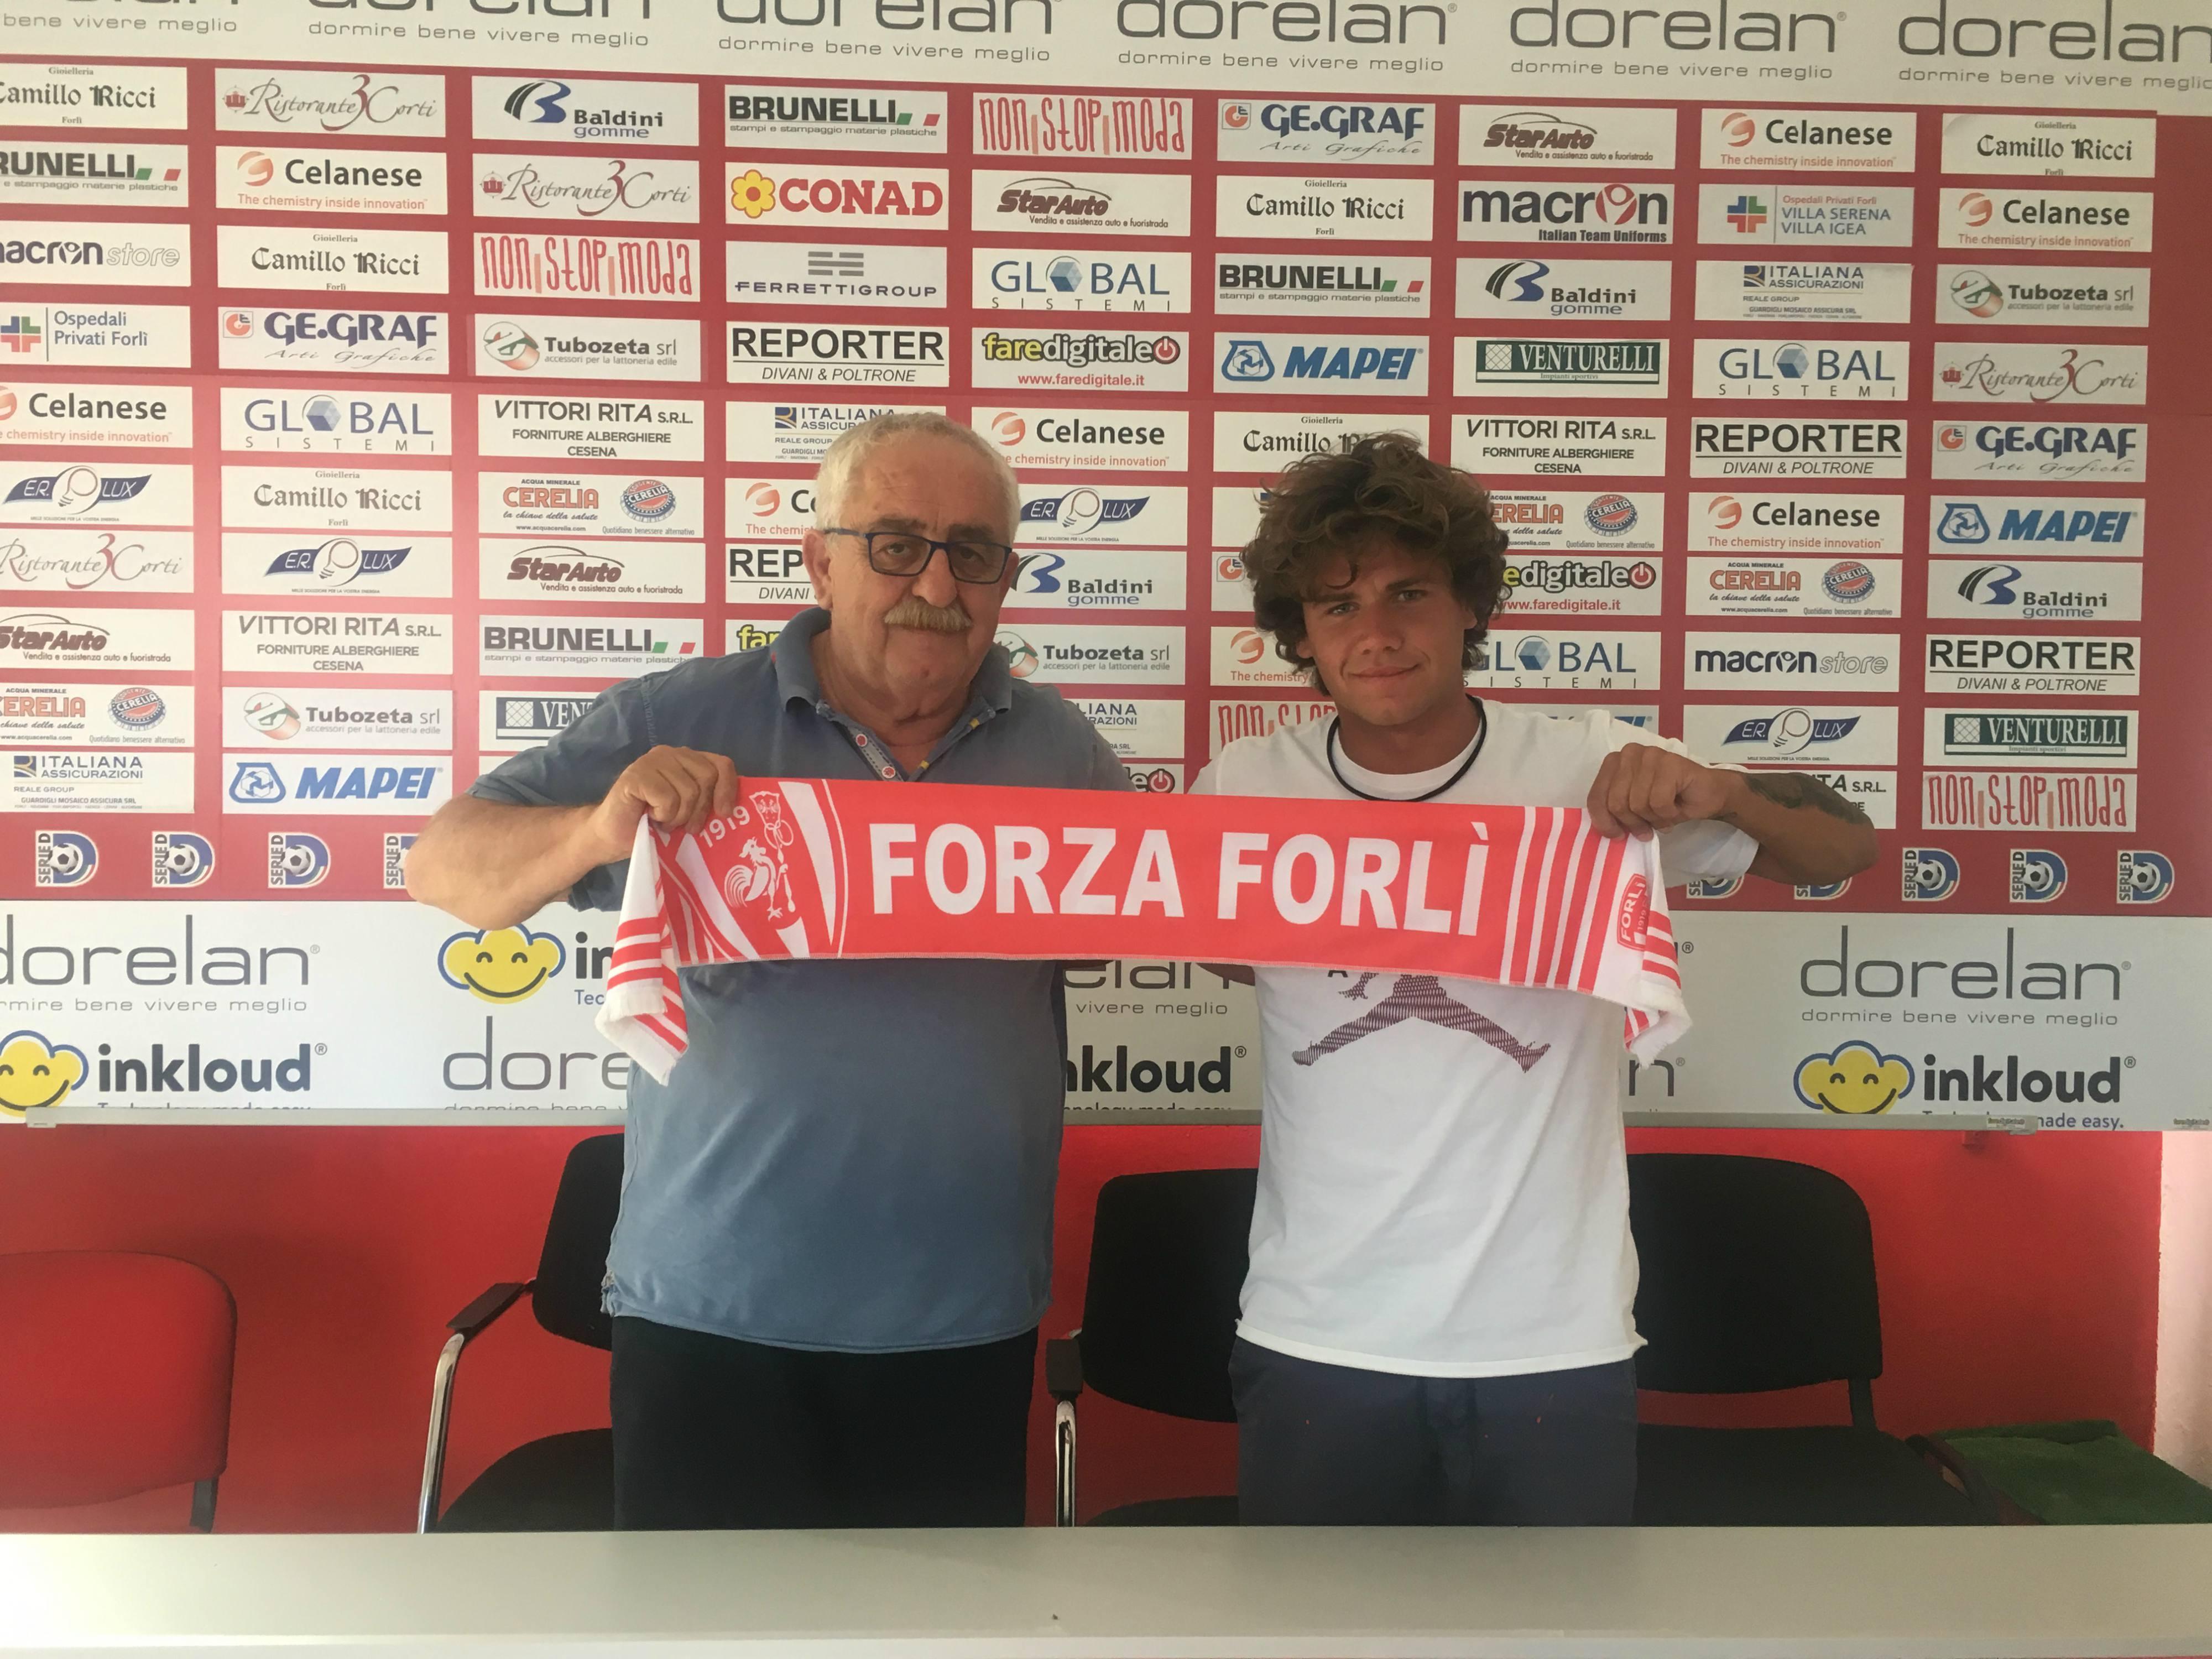 Andrea-Zamagni-Forlì-Calcio